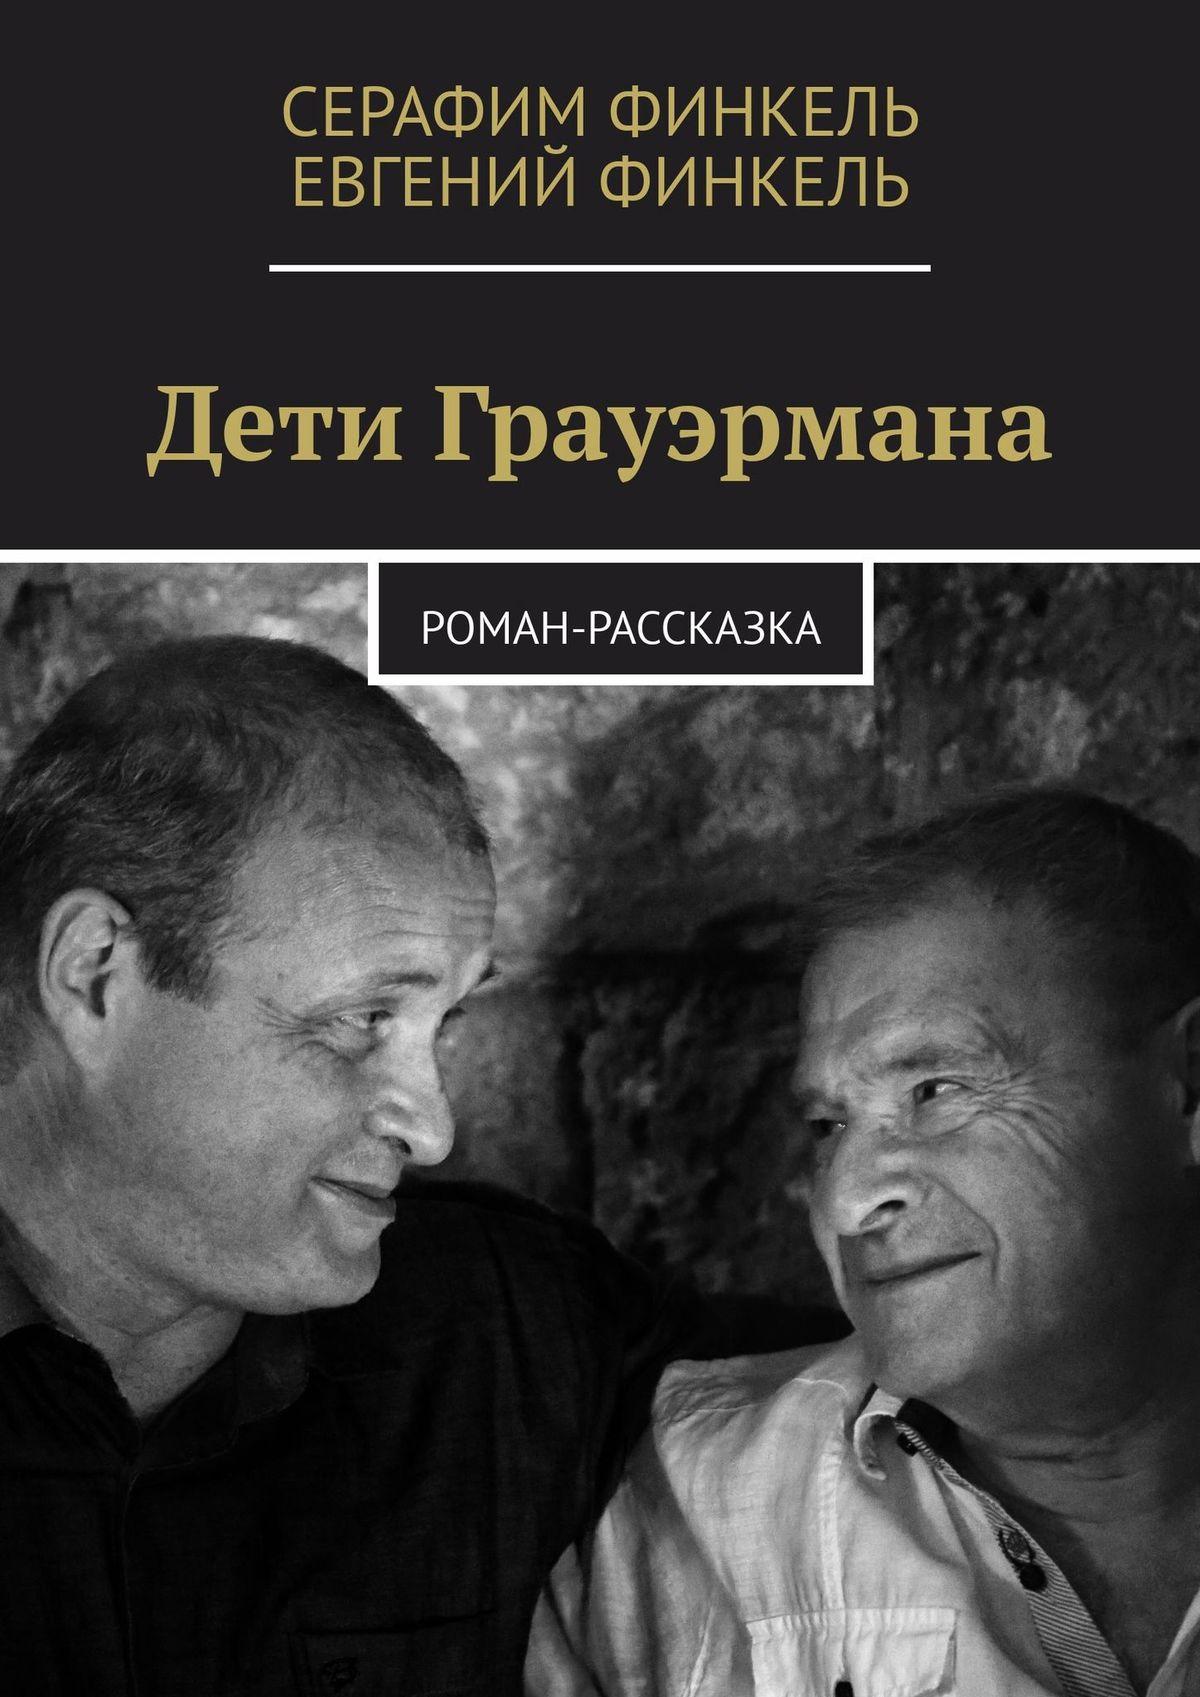 Серафим Финкель Дети Грауэрмана. Роман-рассказка